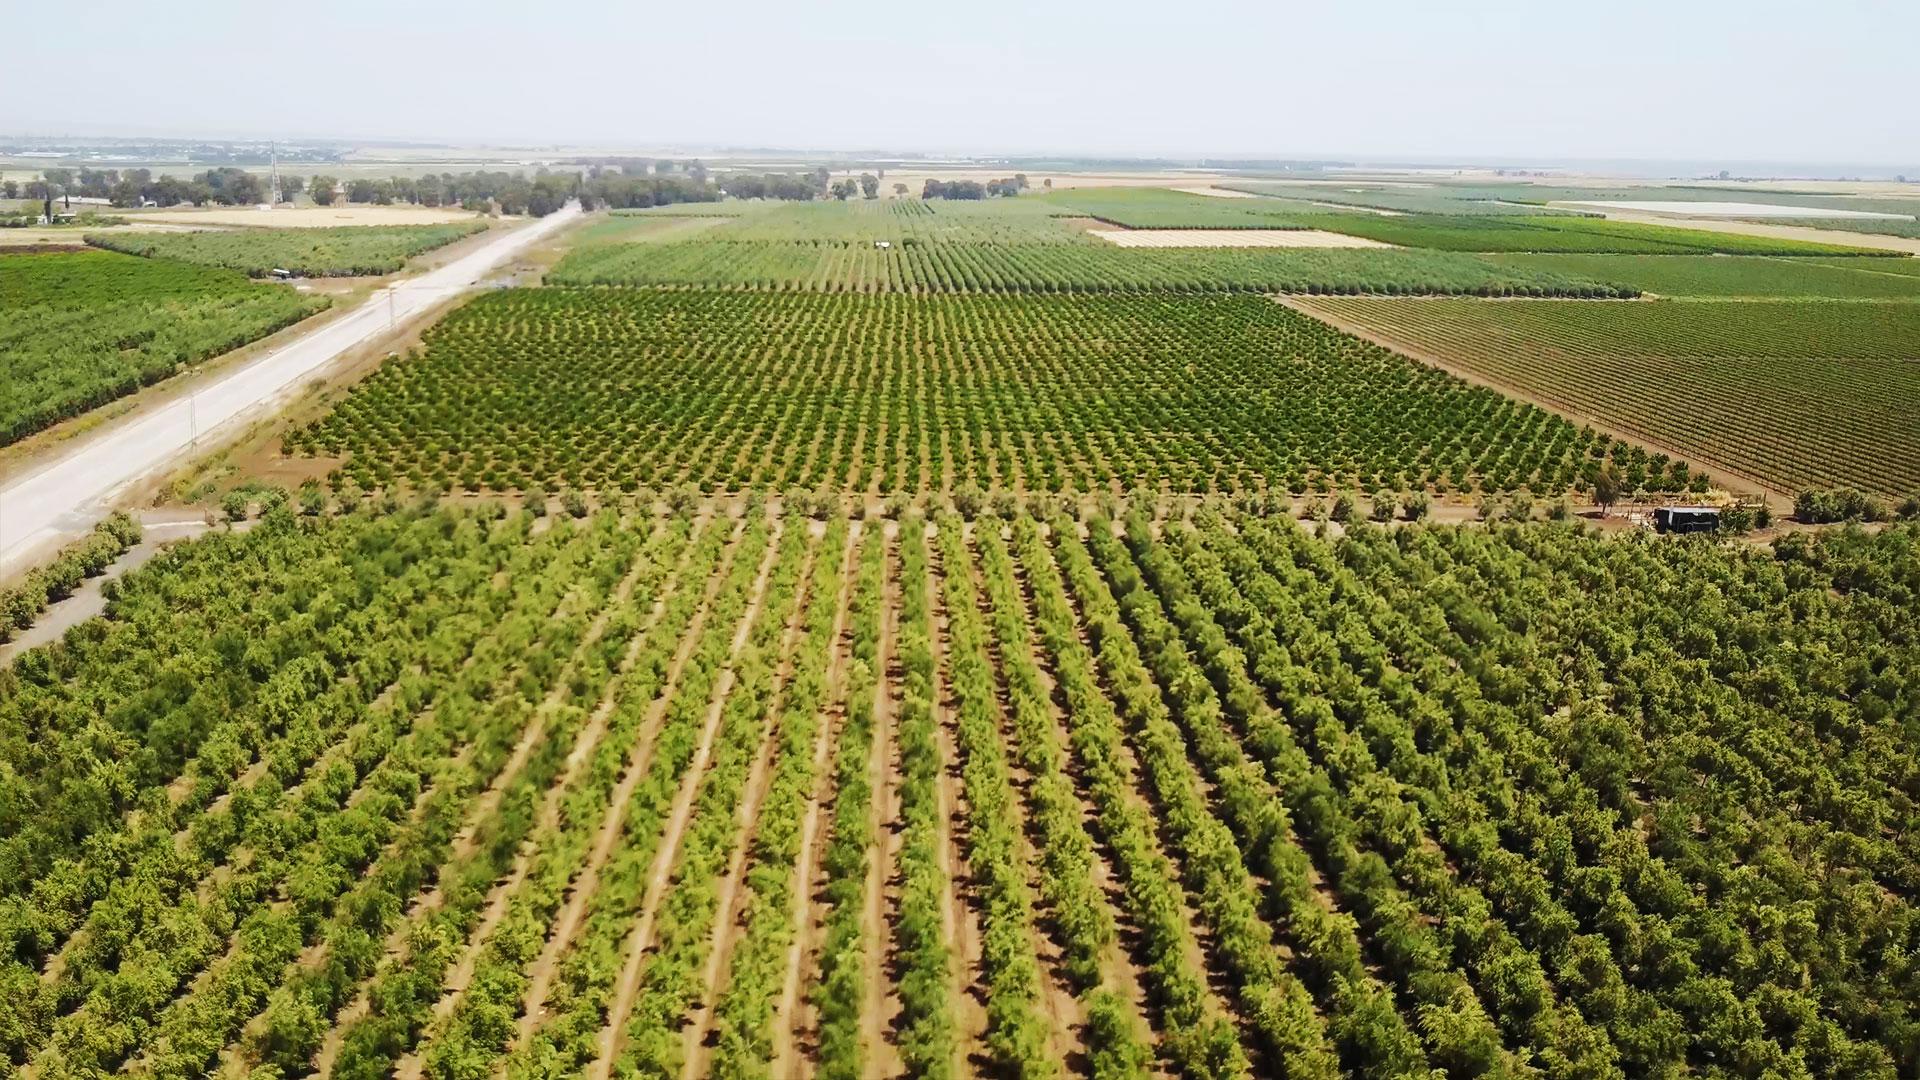 10 тис.га в одні руки та заборона на покупку іноземцями, - аграрний комітет ВР розглянув всі поправки до законопроєкту про ринок землі - Цензор.НЕТ 7797